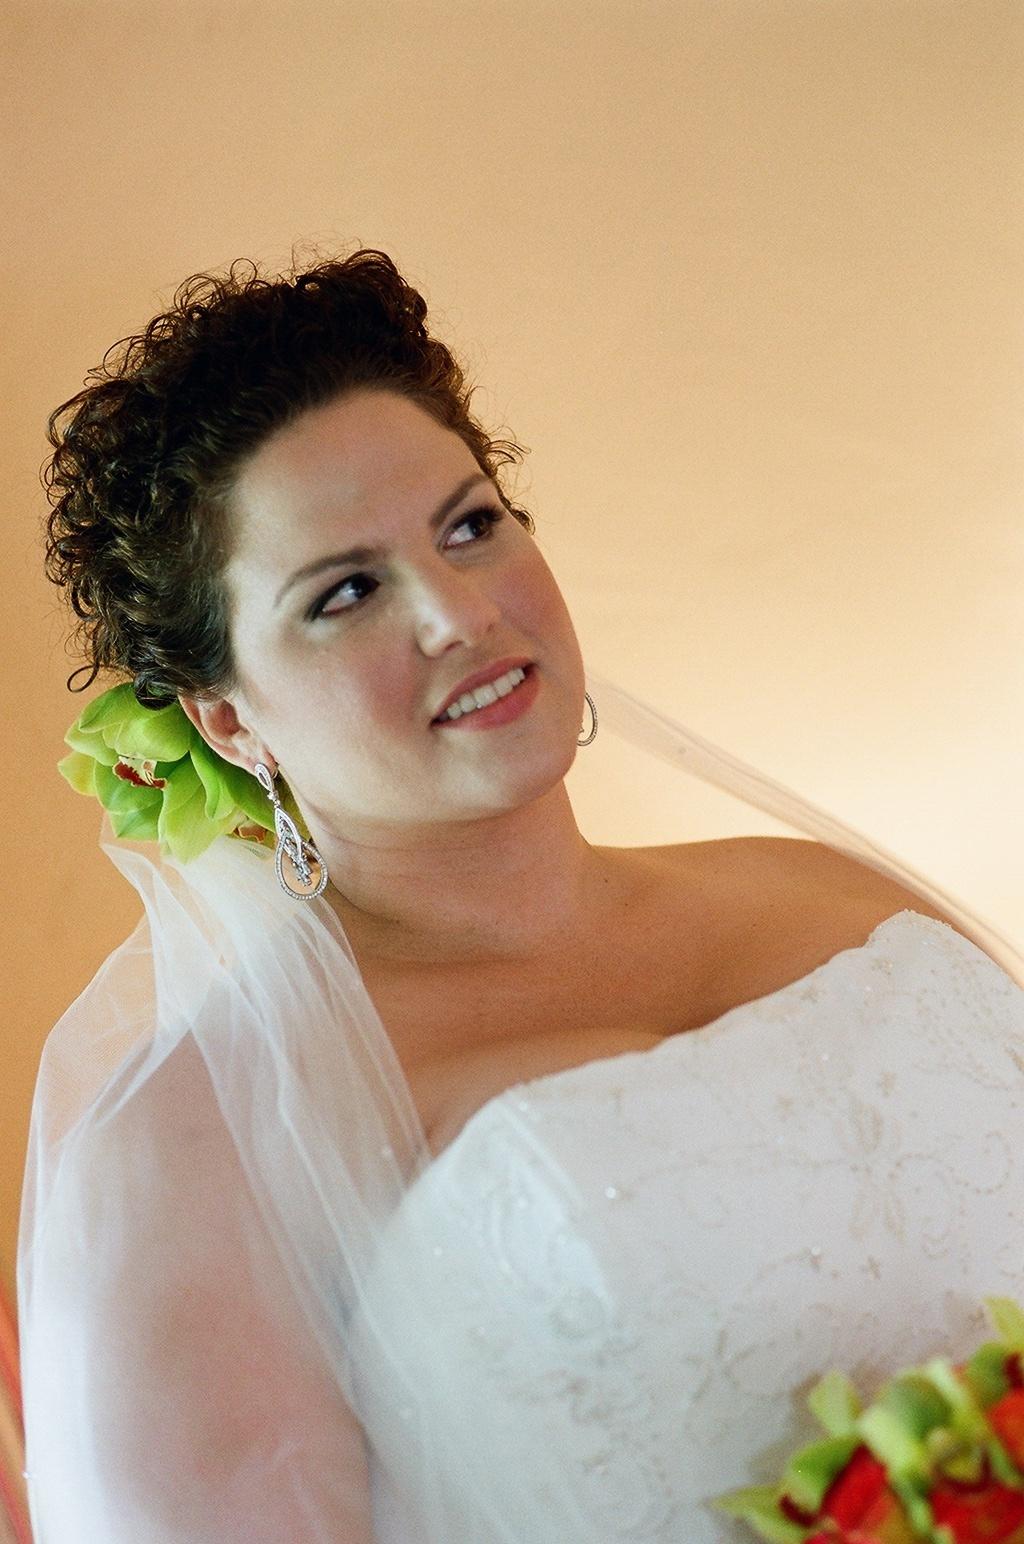 Beauty, Flowers & Decor, Veils, Fashion, Bride Bouquets, Bride, Flowers, Veil, Hair, Flower Wedding Dresses